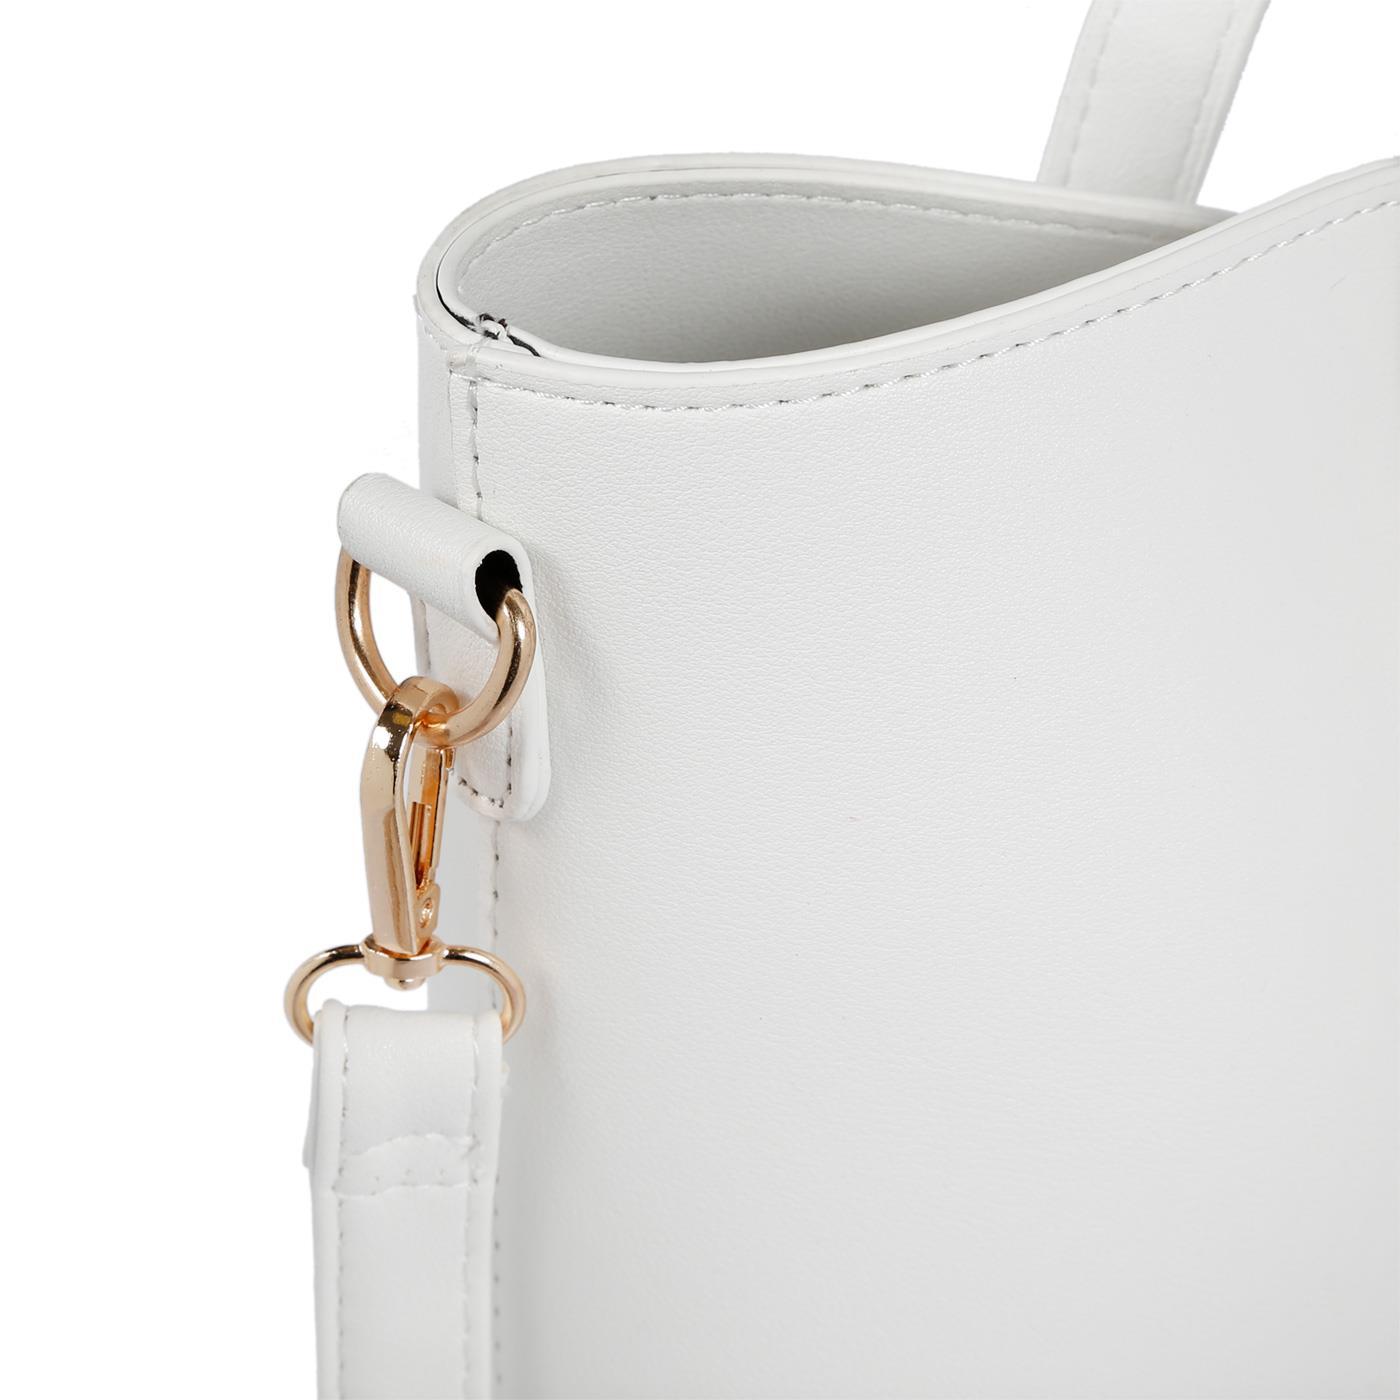 Kossberg-Damen-Tasche-Henkeltasche-Schultertasche-Umhaengetasche-Leder-Optik-Bag Indexbild 34